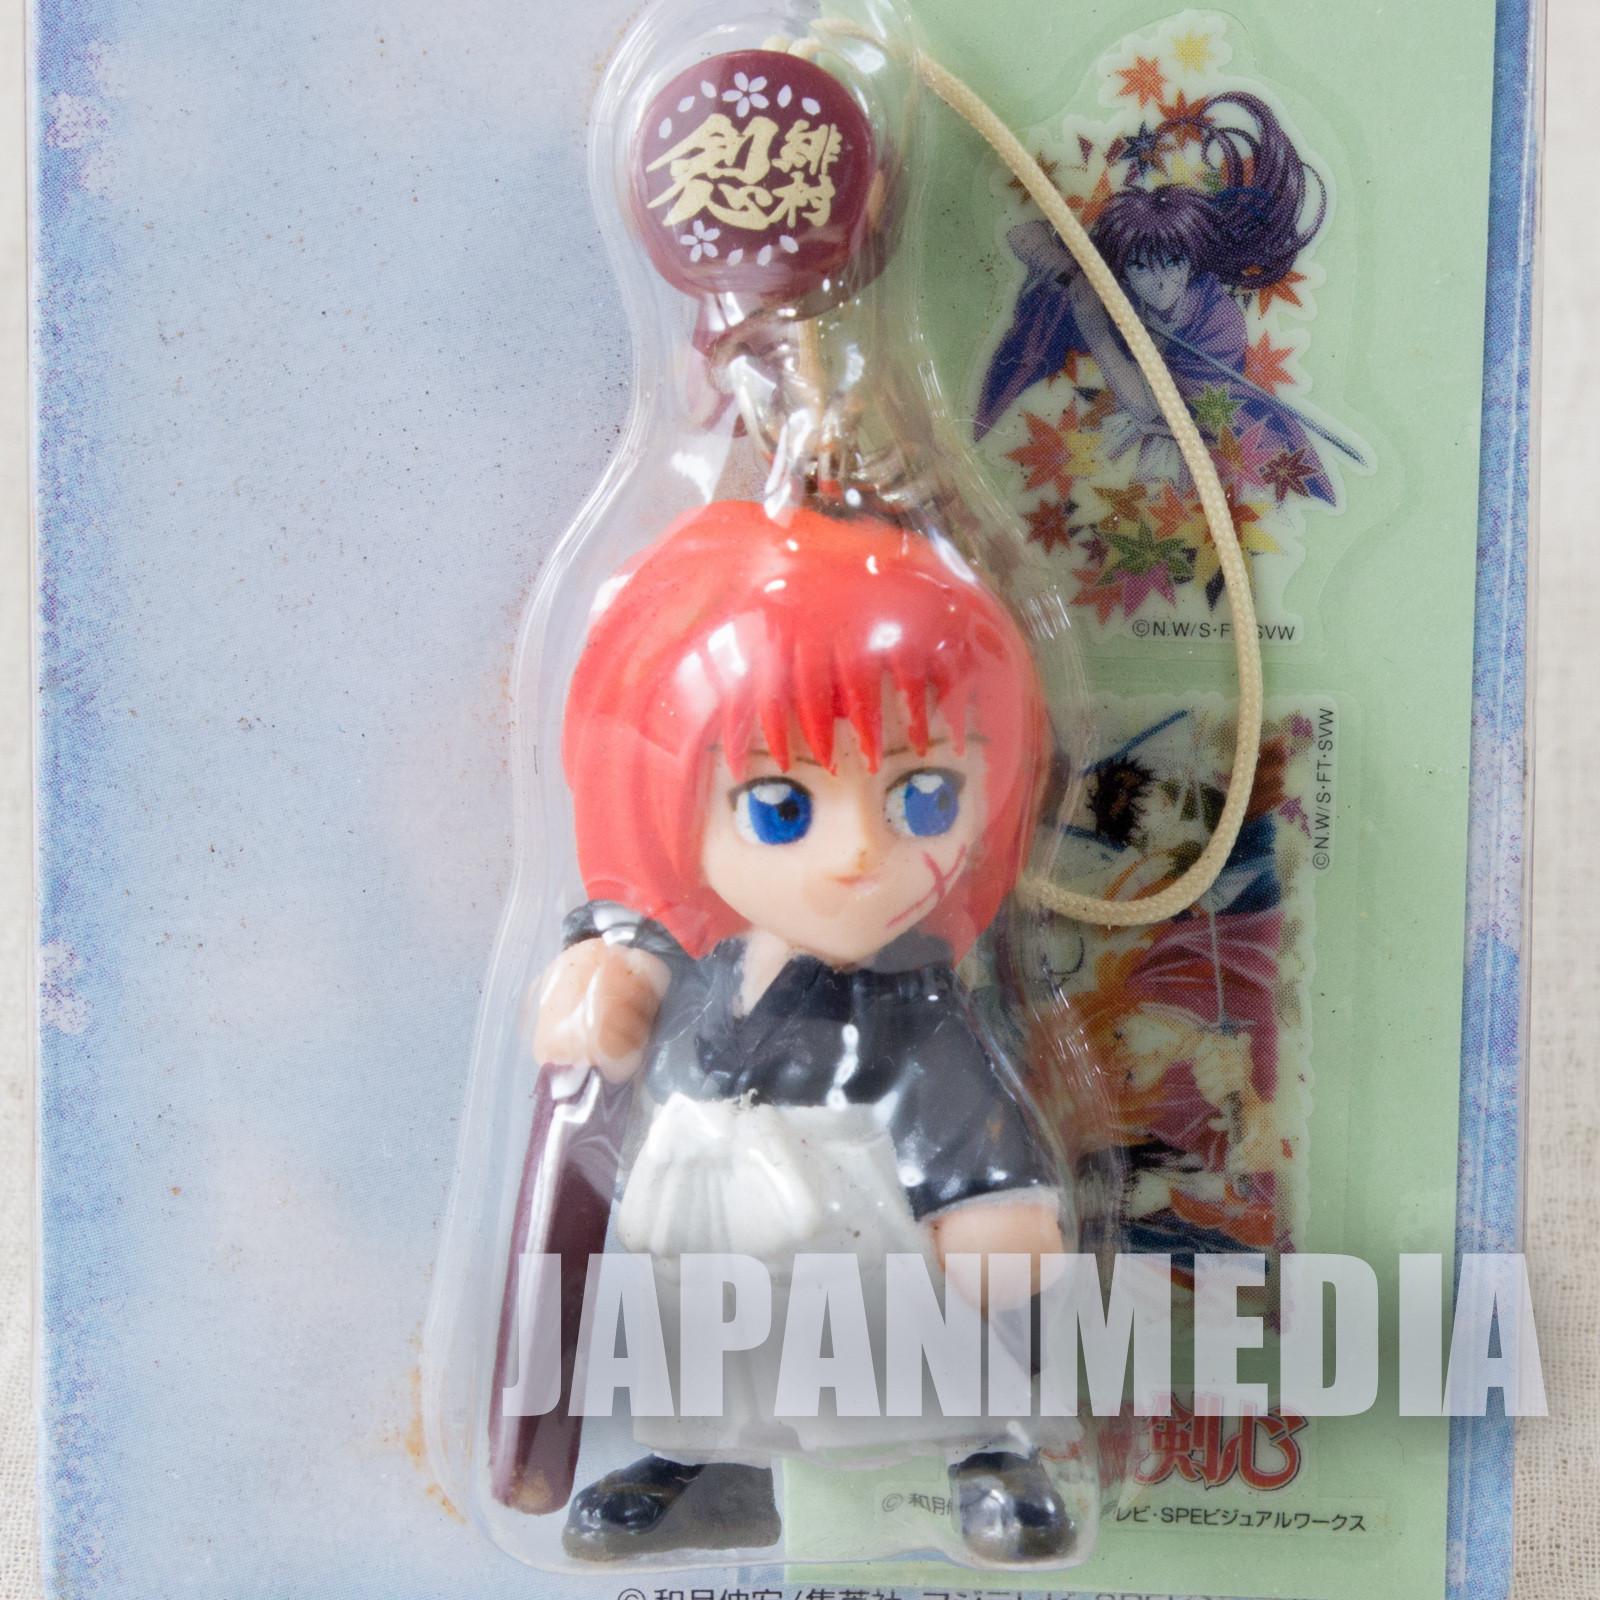 Retro RARE! Rurouni Kenshin Kenshin Himura Figure Strap w/Stickers JAPAN